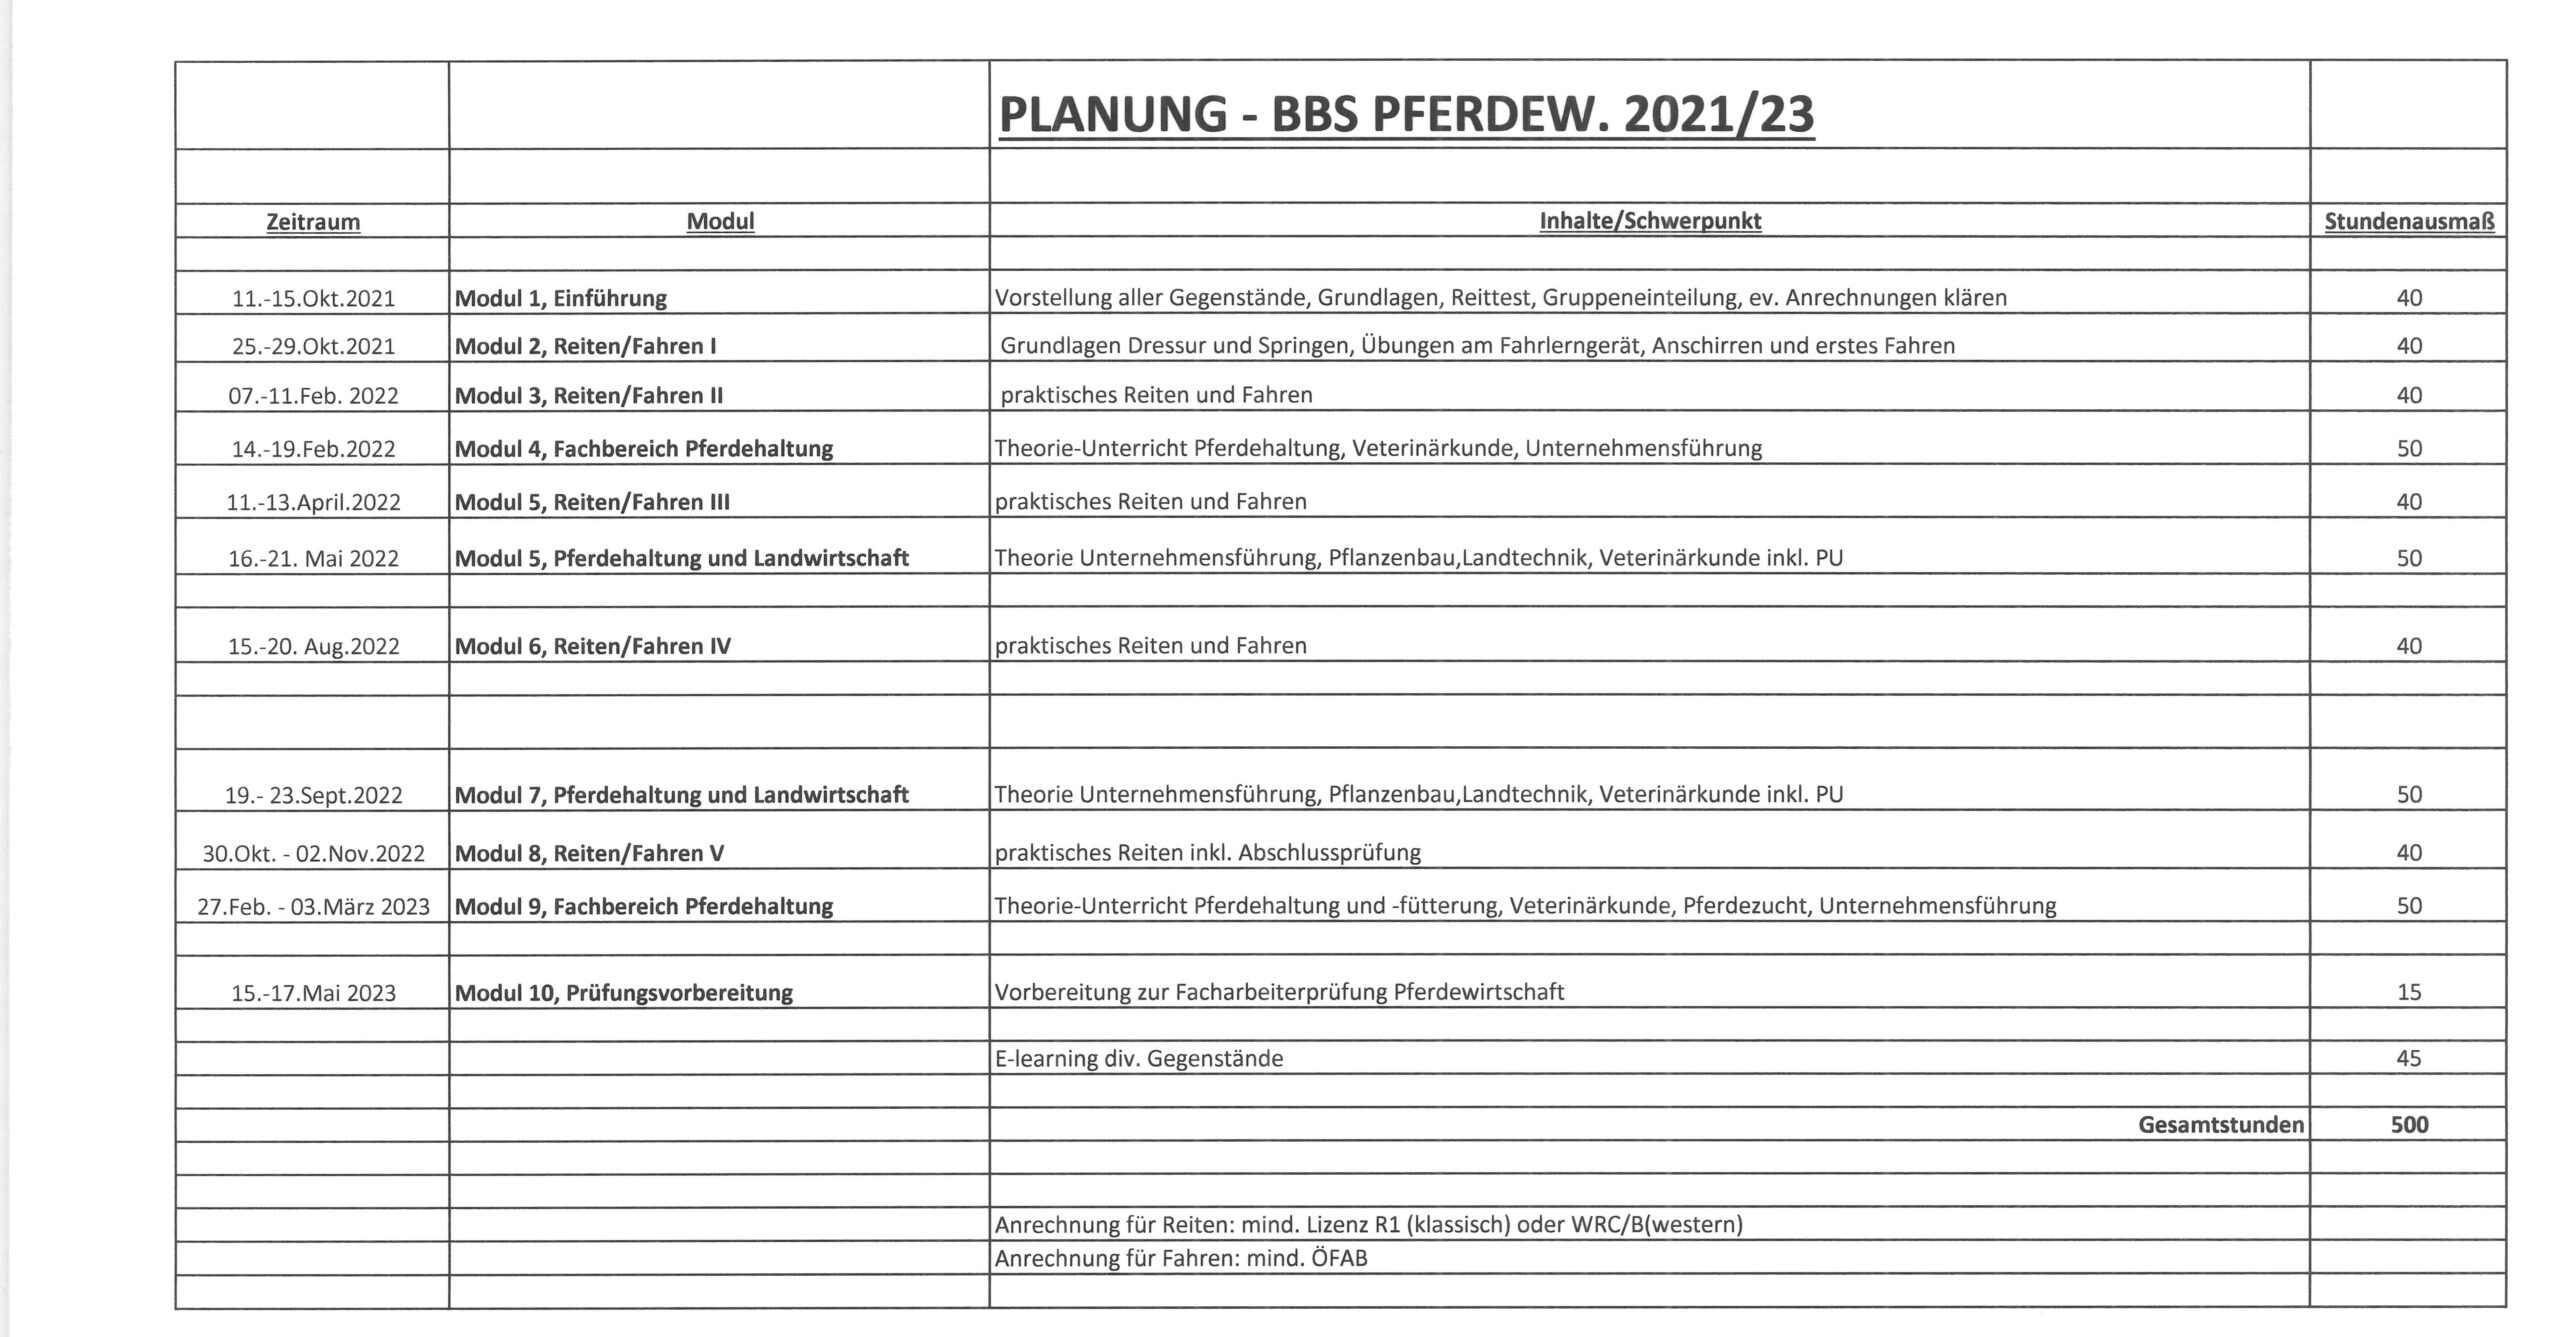 Planung_BBS_Pferd_21_23